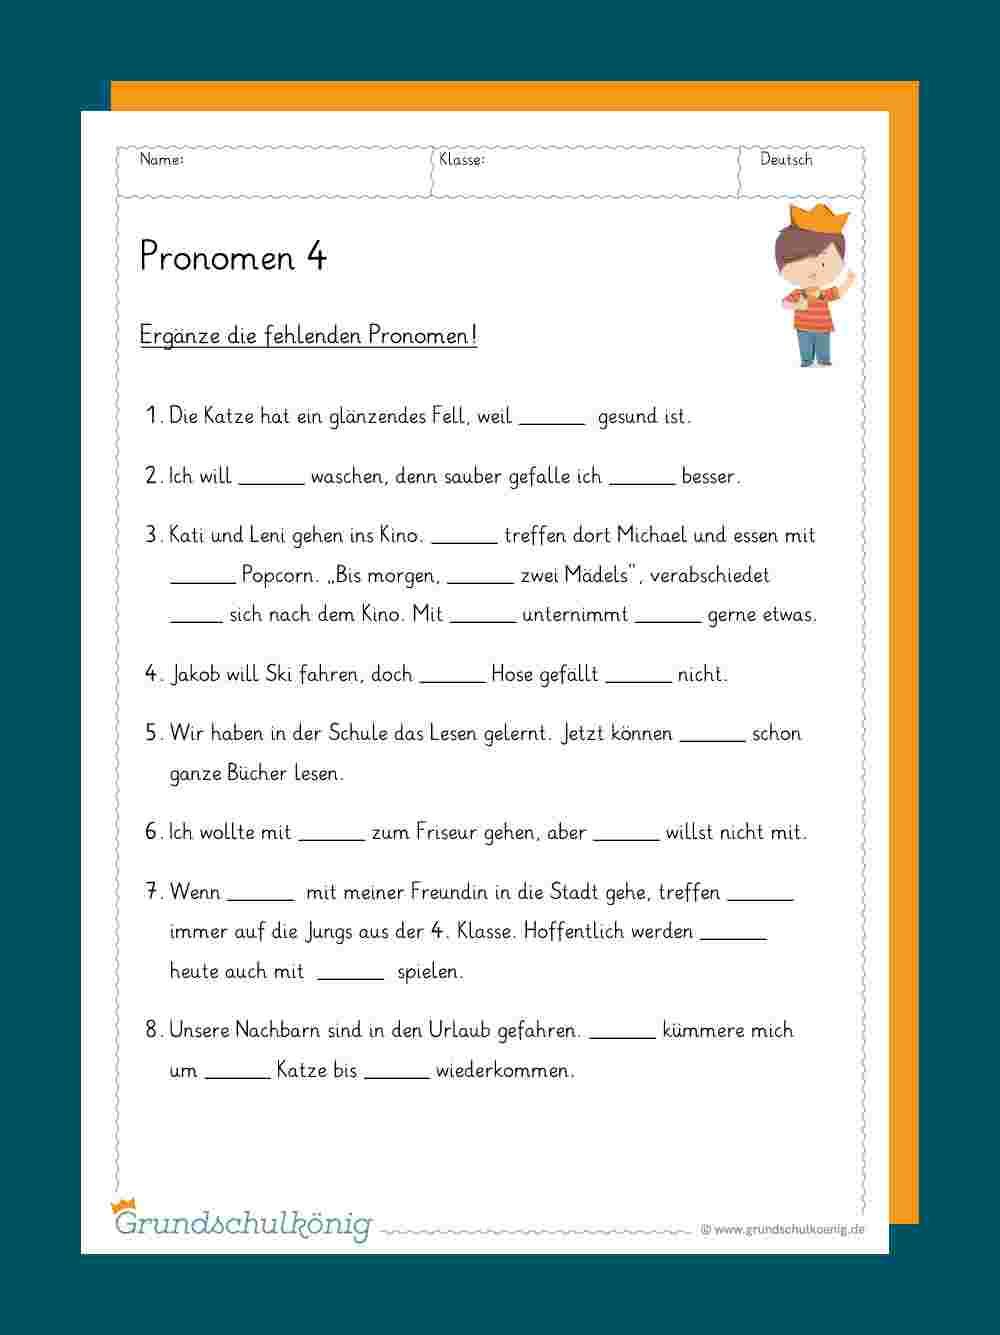 Pronomen innen Deutsch Übungsblätter Klasse 4 Zum Ausdrucken